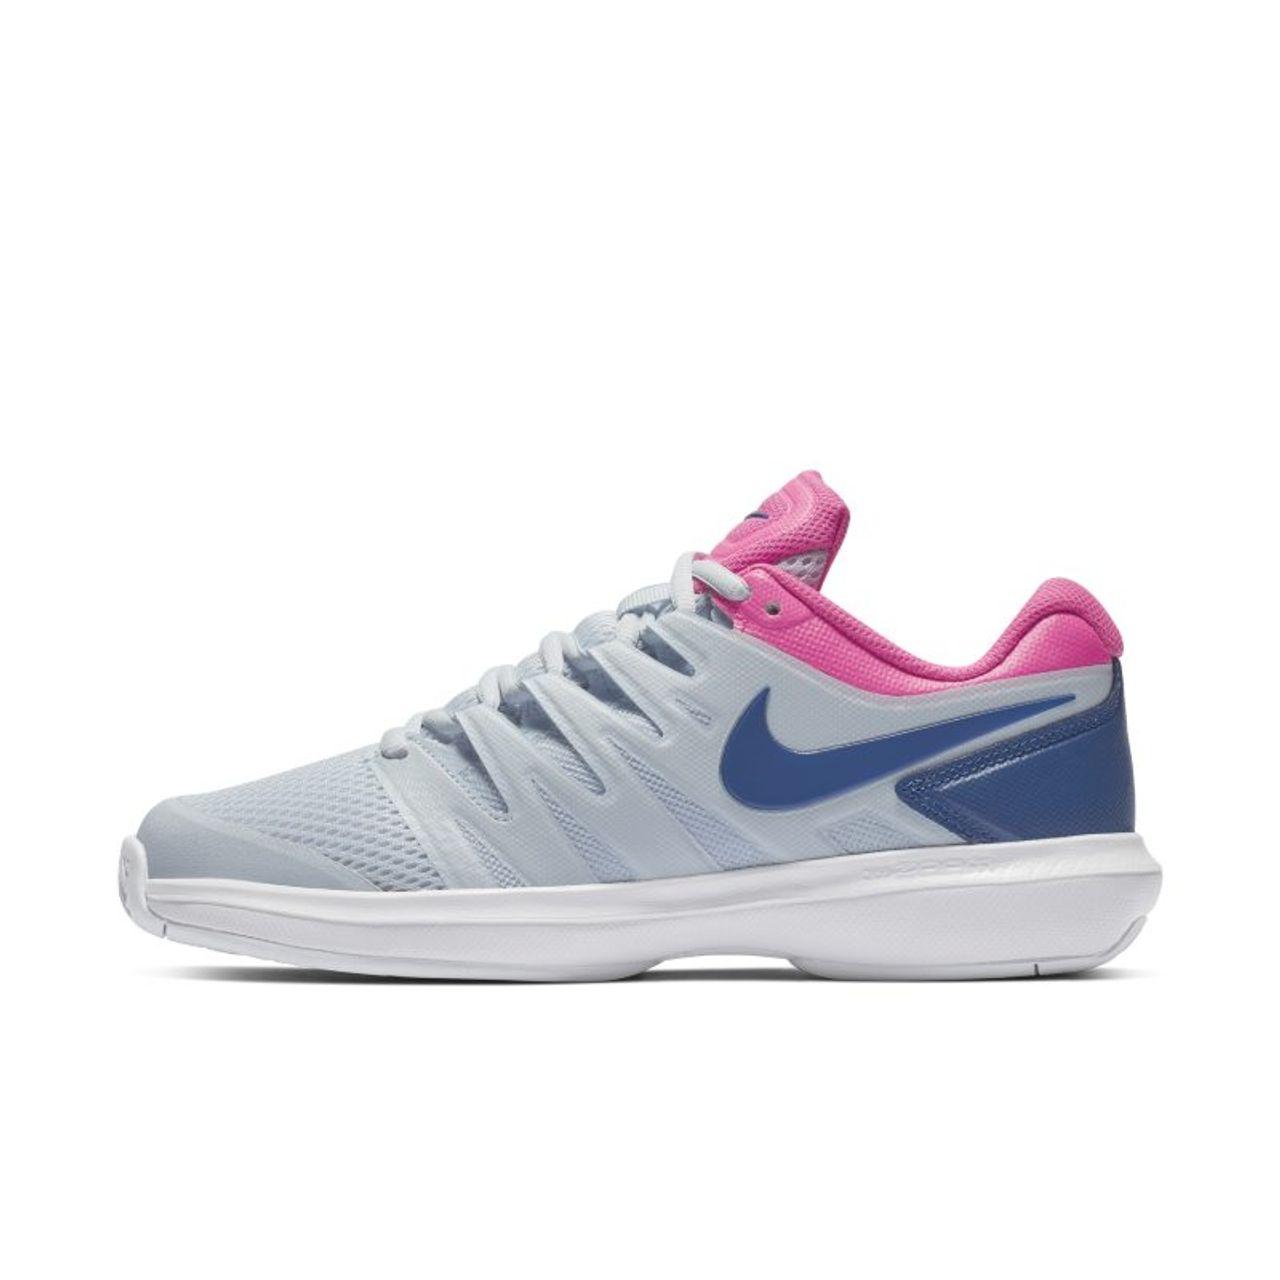 8144c20b493 Nike Court Air Zoom Prestige Hardcourt tennisschoen voor dames - Blauw  AA8024-446 - Vergelijk prijzen